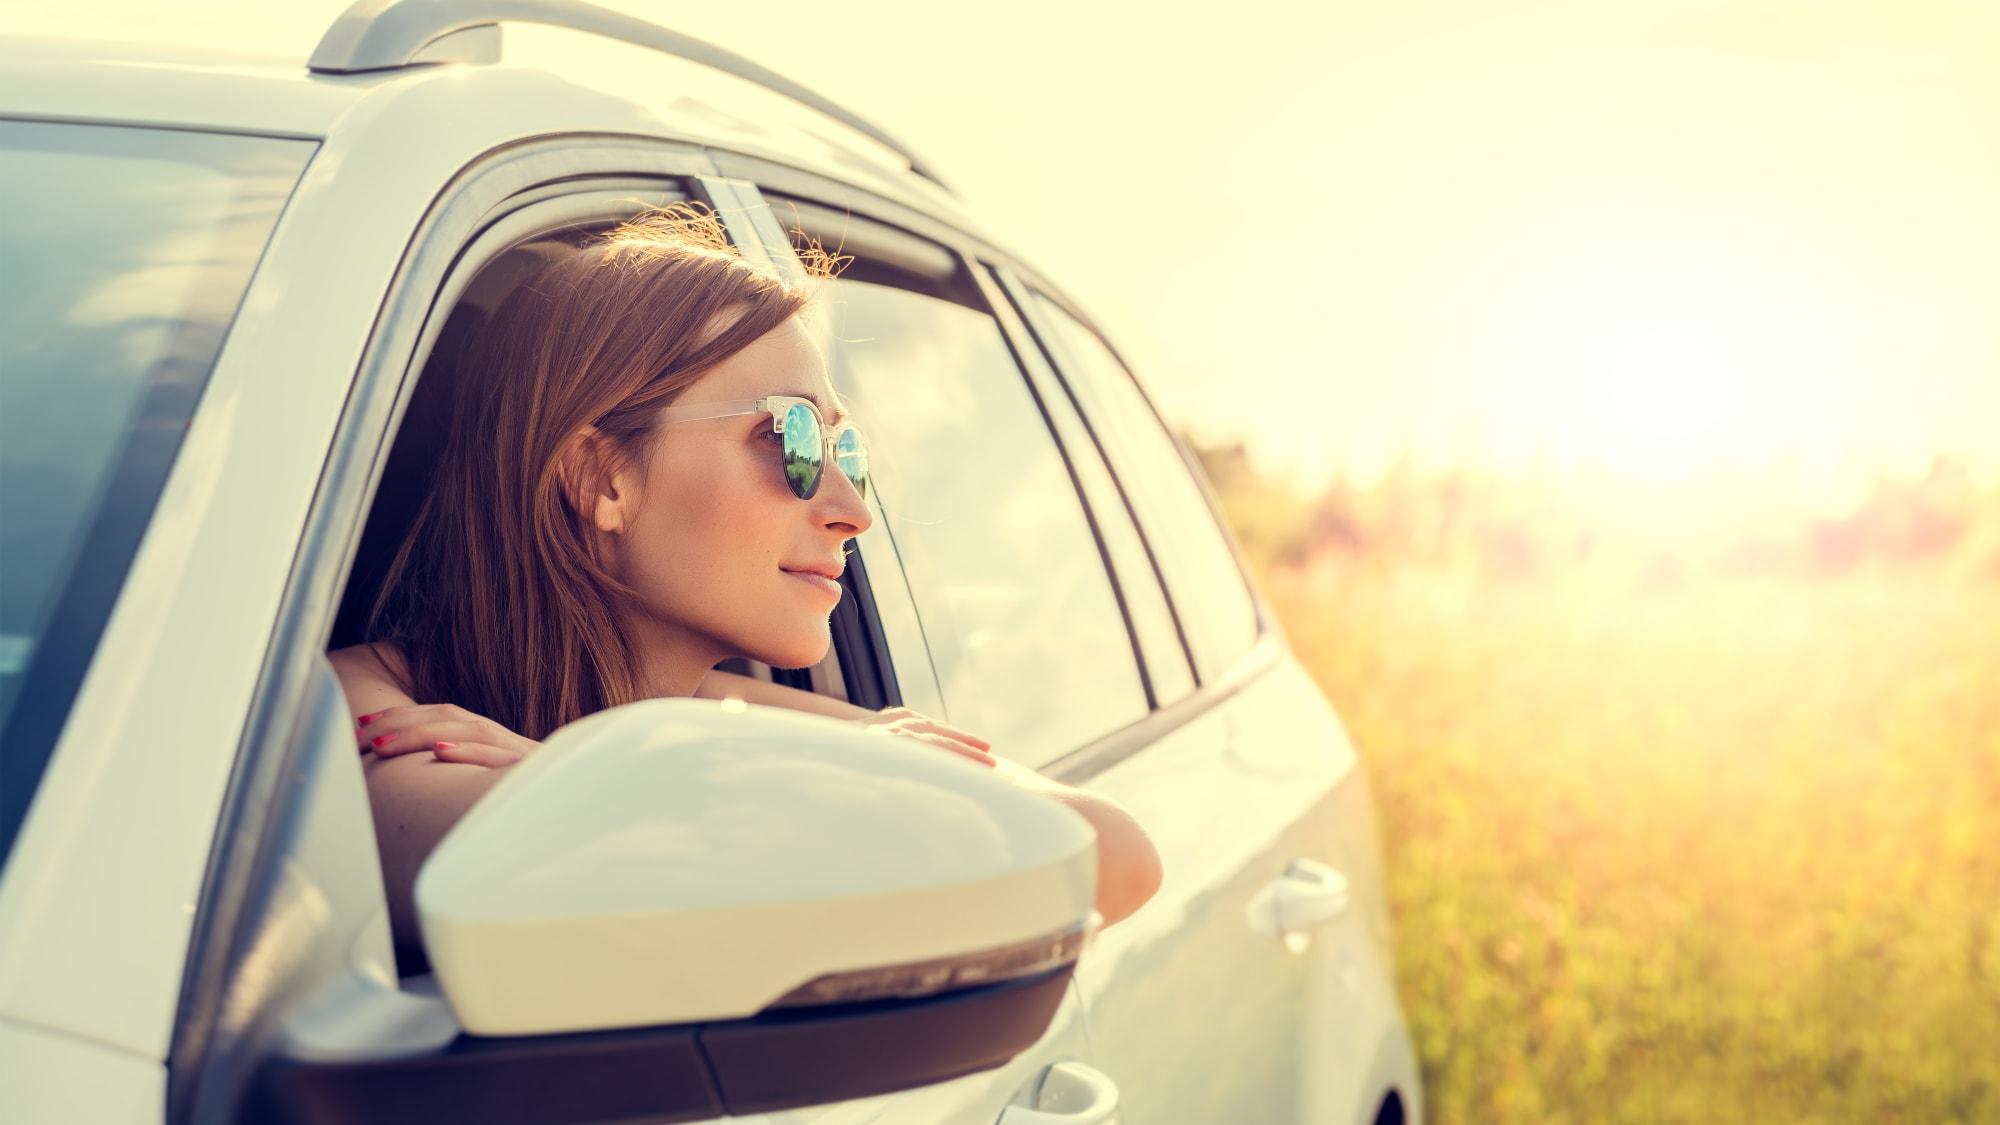 Frau mit Sonnenbrille schaut aus einem Auto in die Sonne